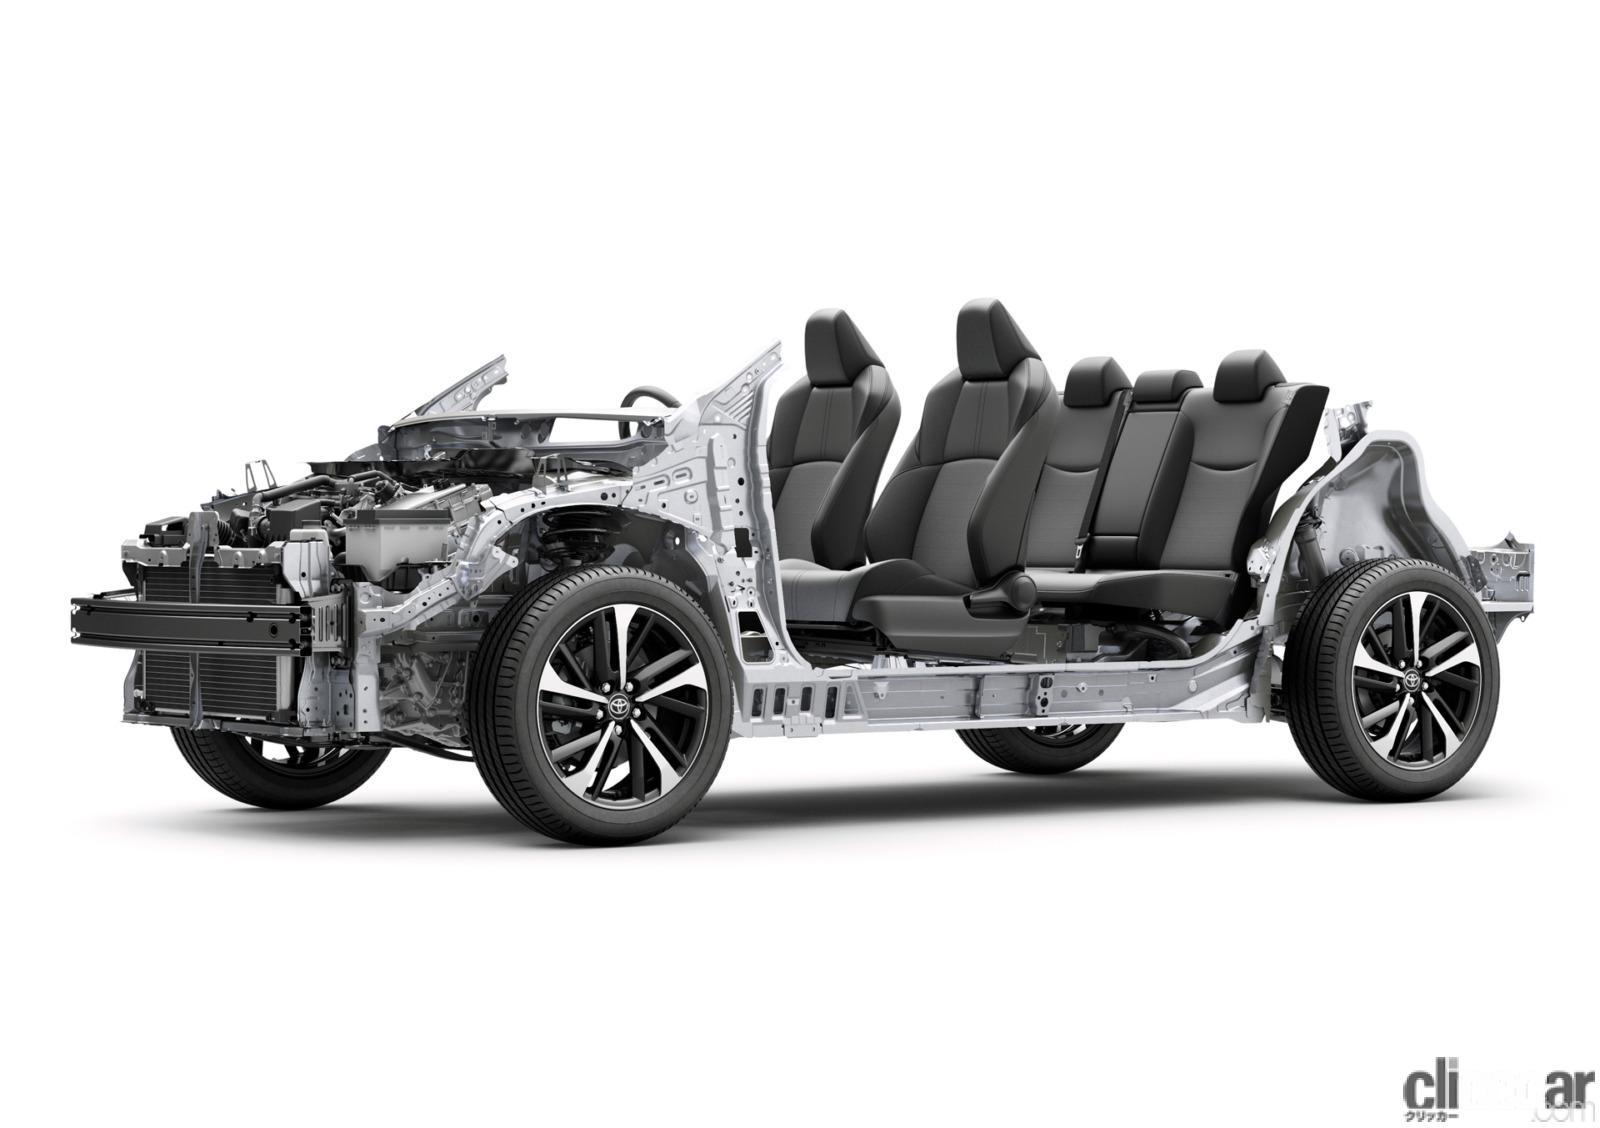 「トヨタ新型カローラ クロス発売。ボディサイズやラゲッジスペースはC-HRとどう違う?」の9枚目の画像